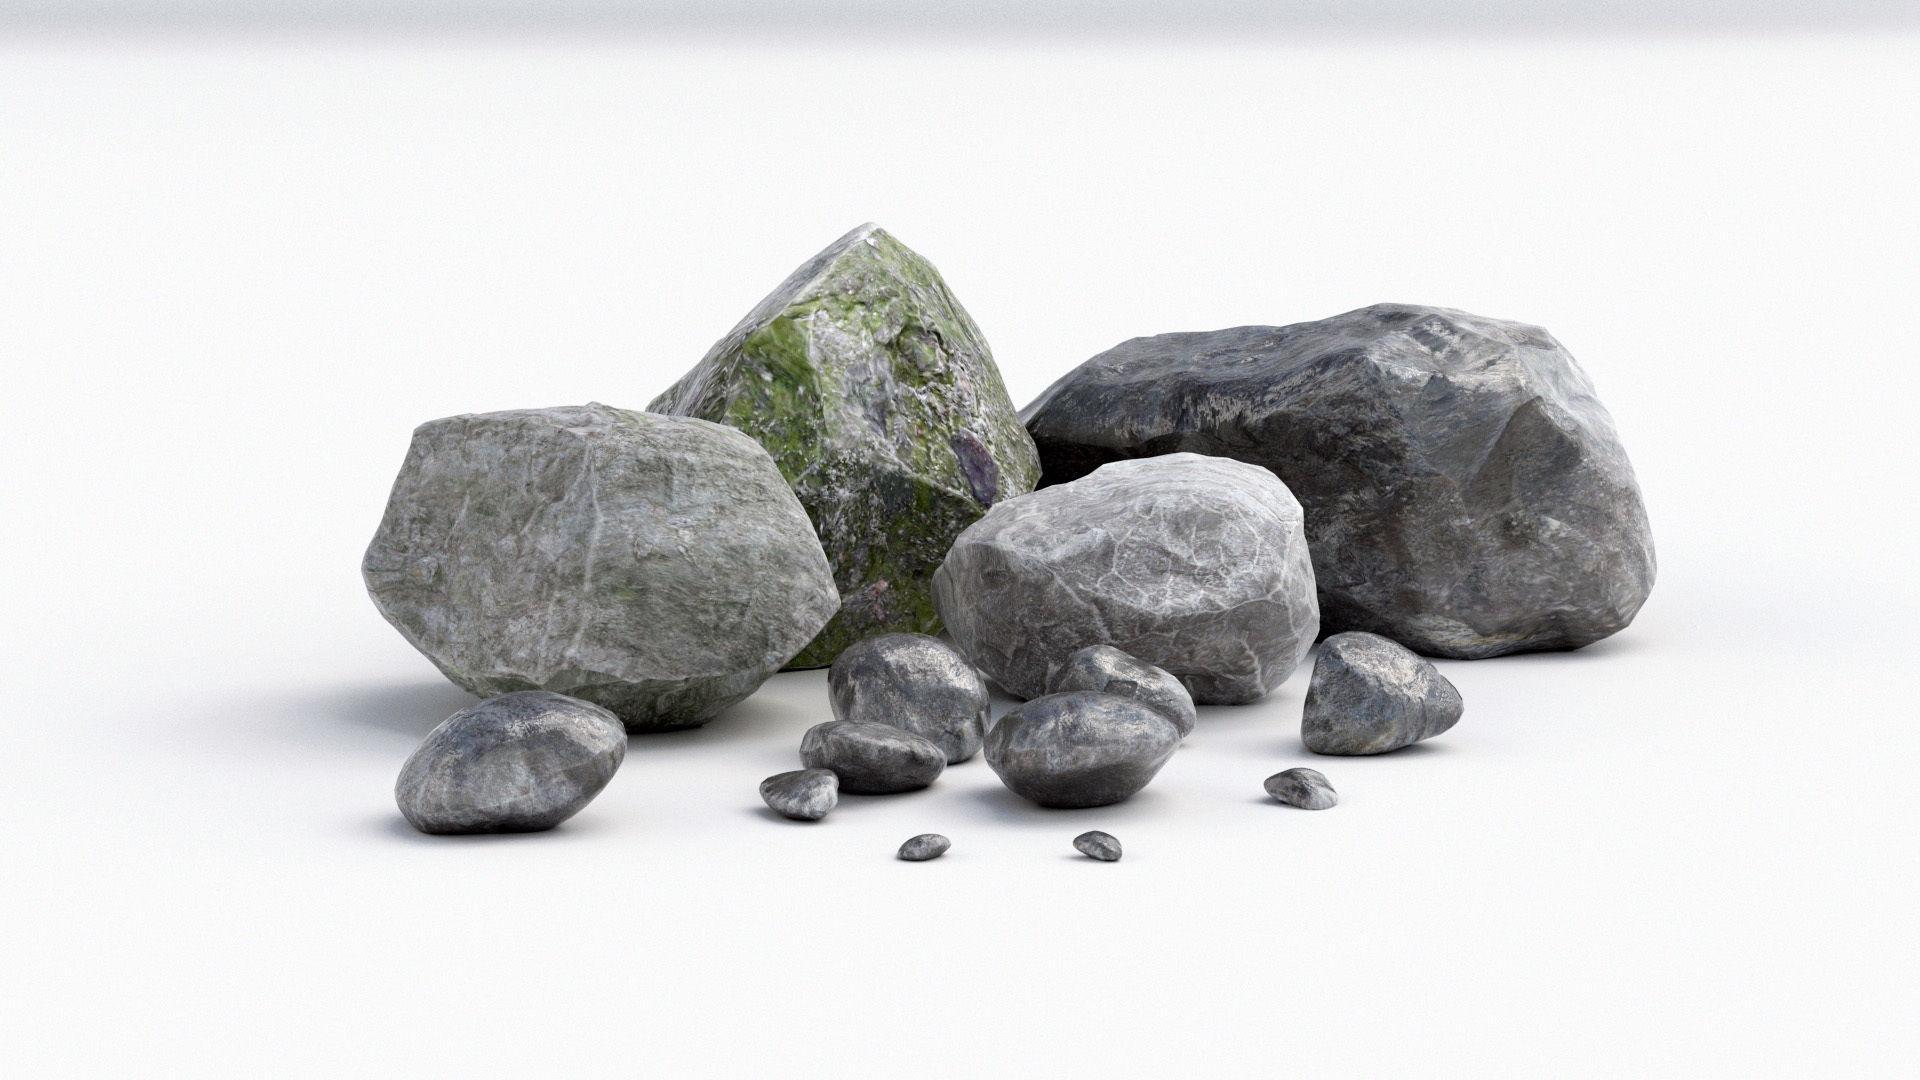 Stones Rock 3D Model MAX OBJ FBX MTL MAT | CGTrader.com on Granite Models  id=13353